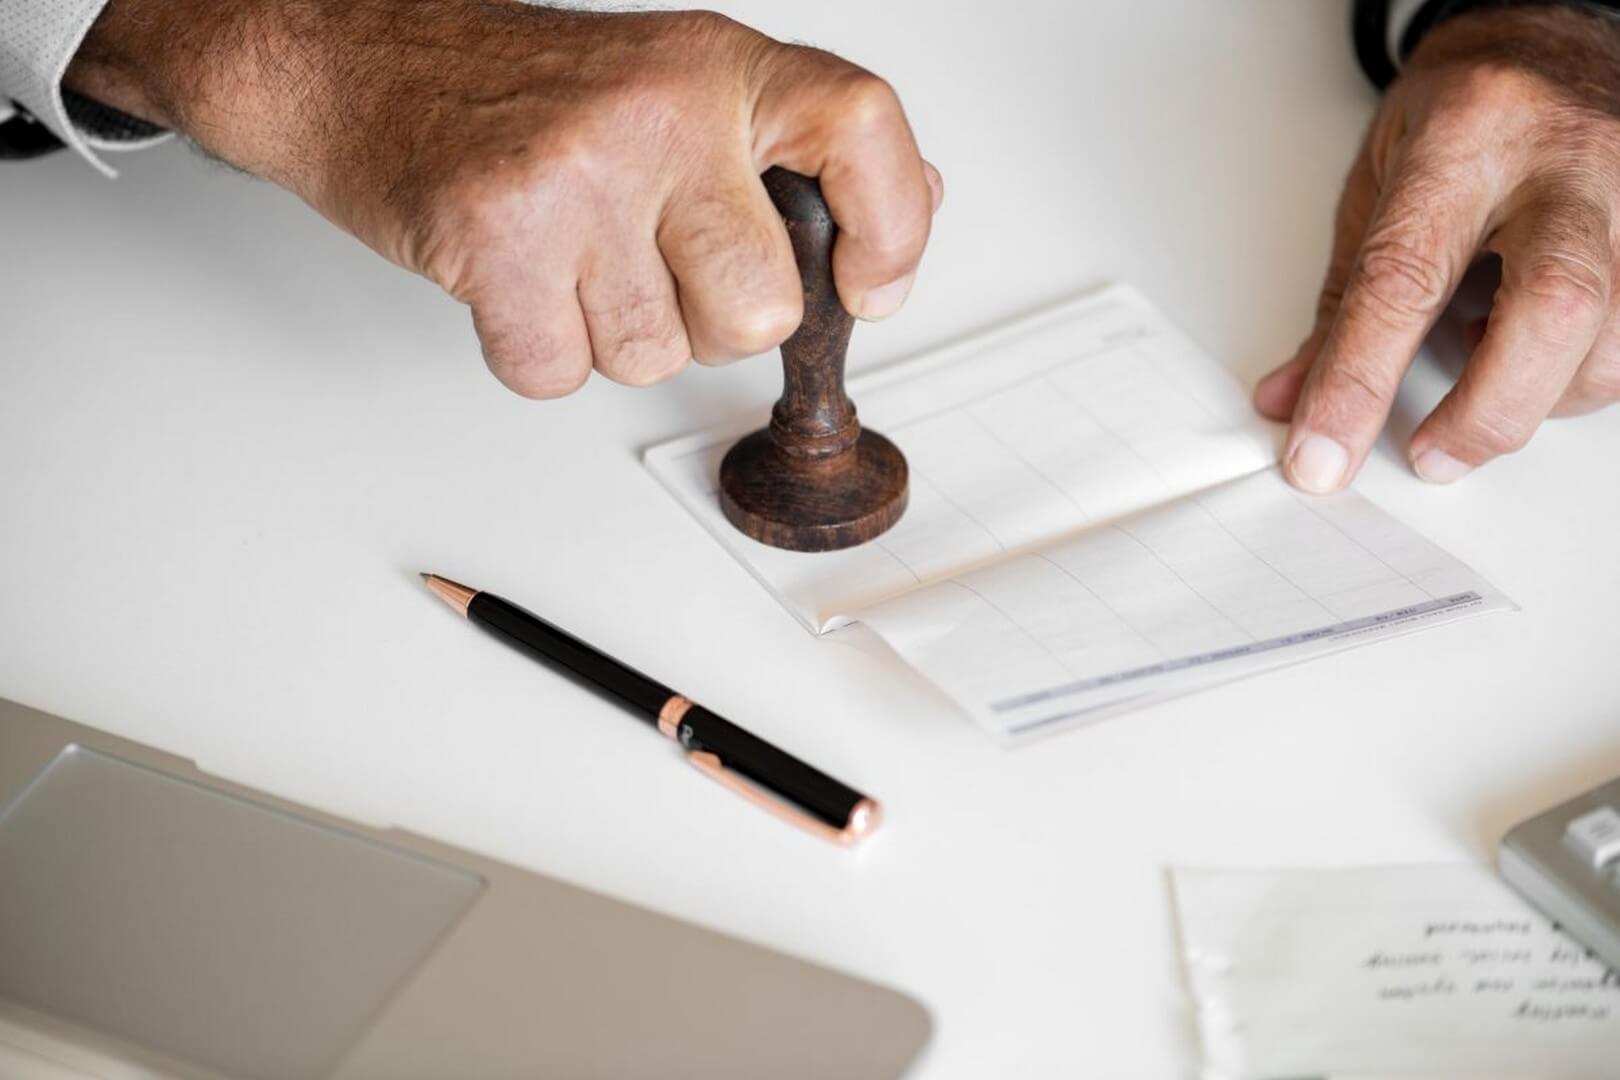 מדריך לקבלת הלוואה מיידית